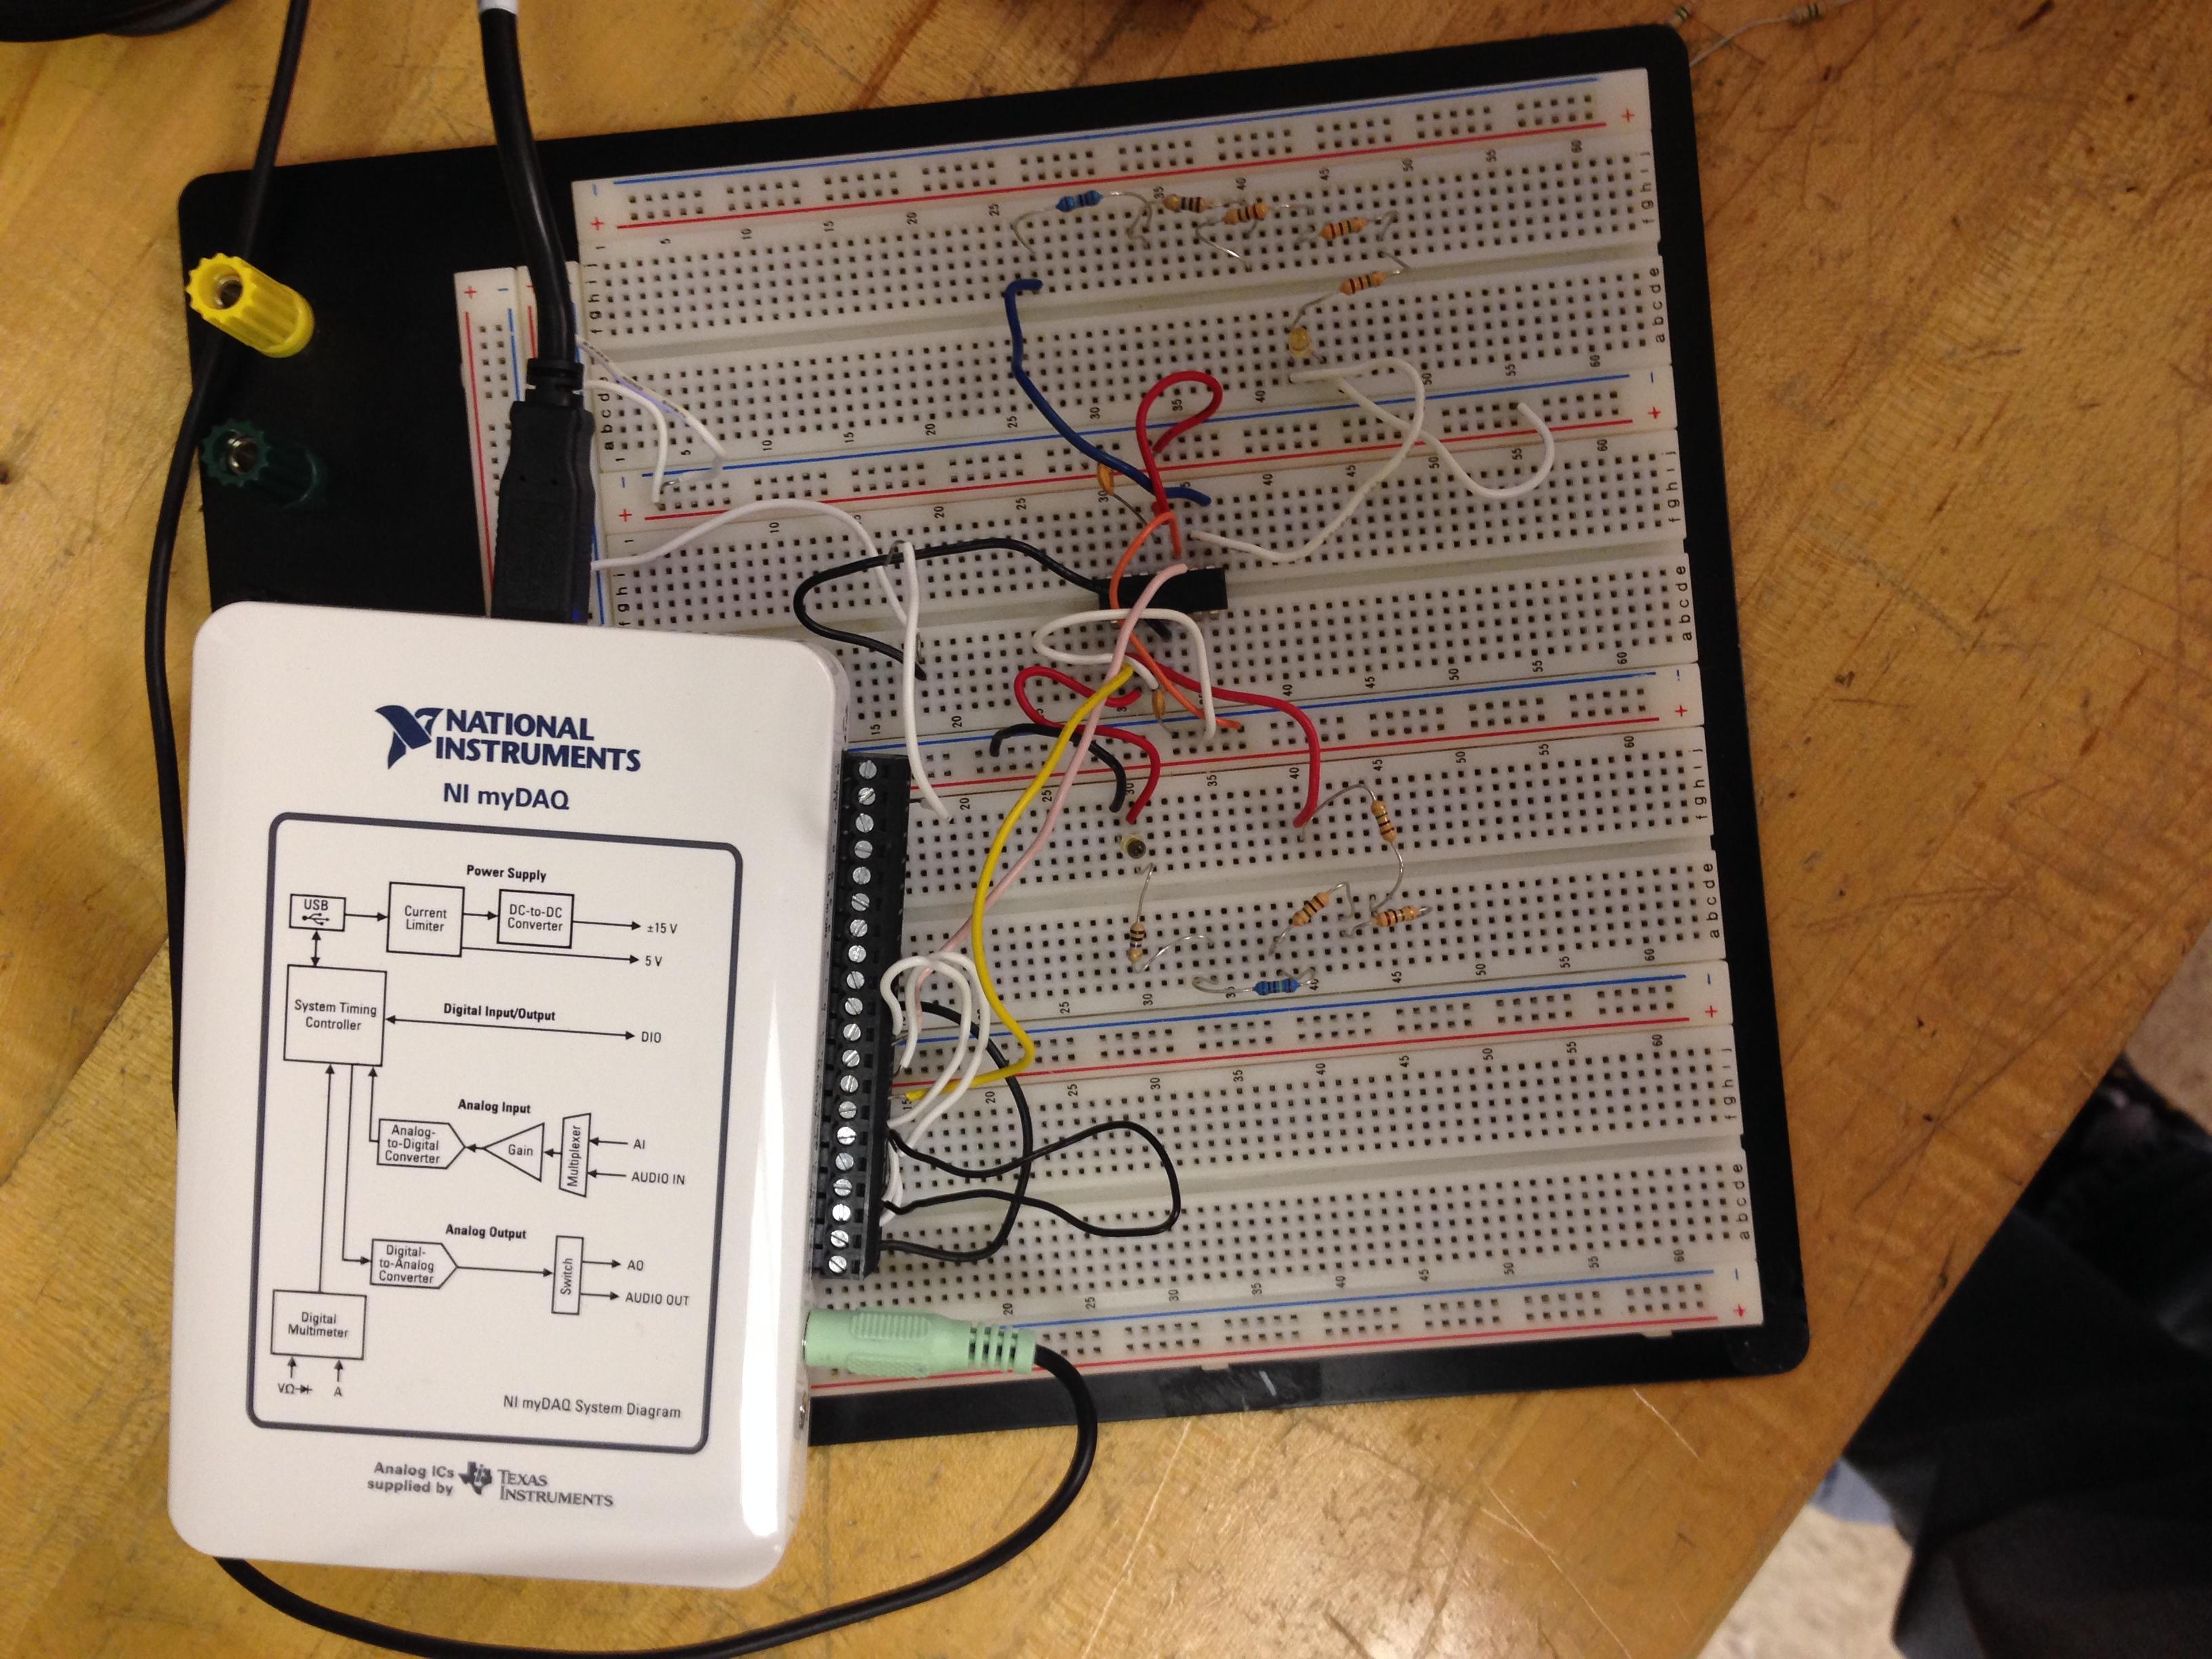 Accomplishments Kyle Sibert Theremin Circuit Diagram Optical Physical Circut